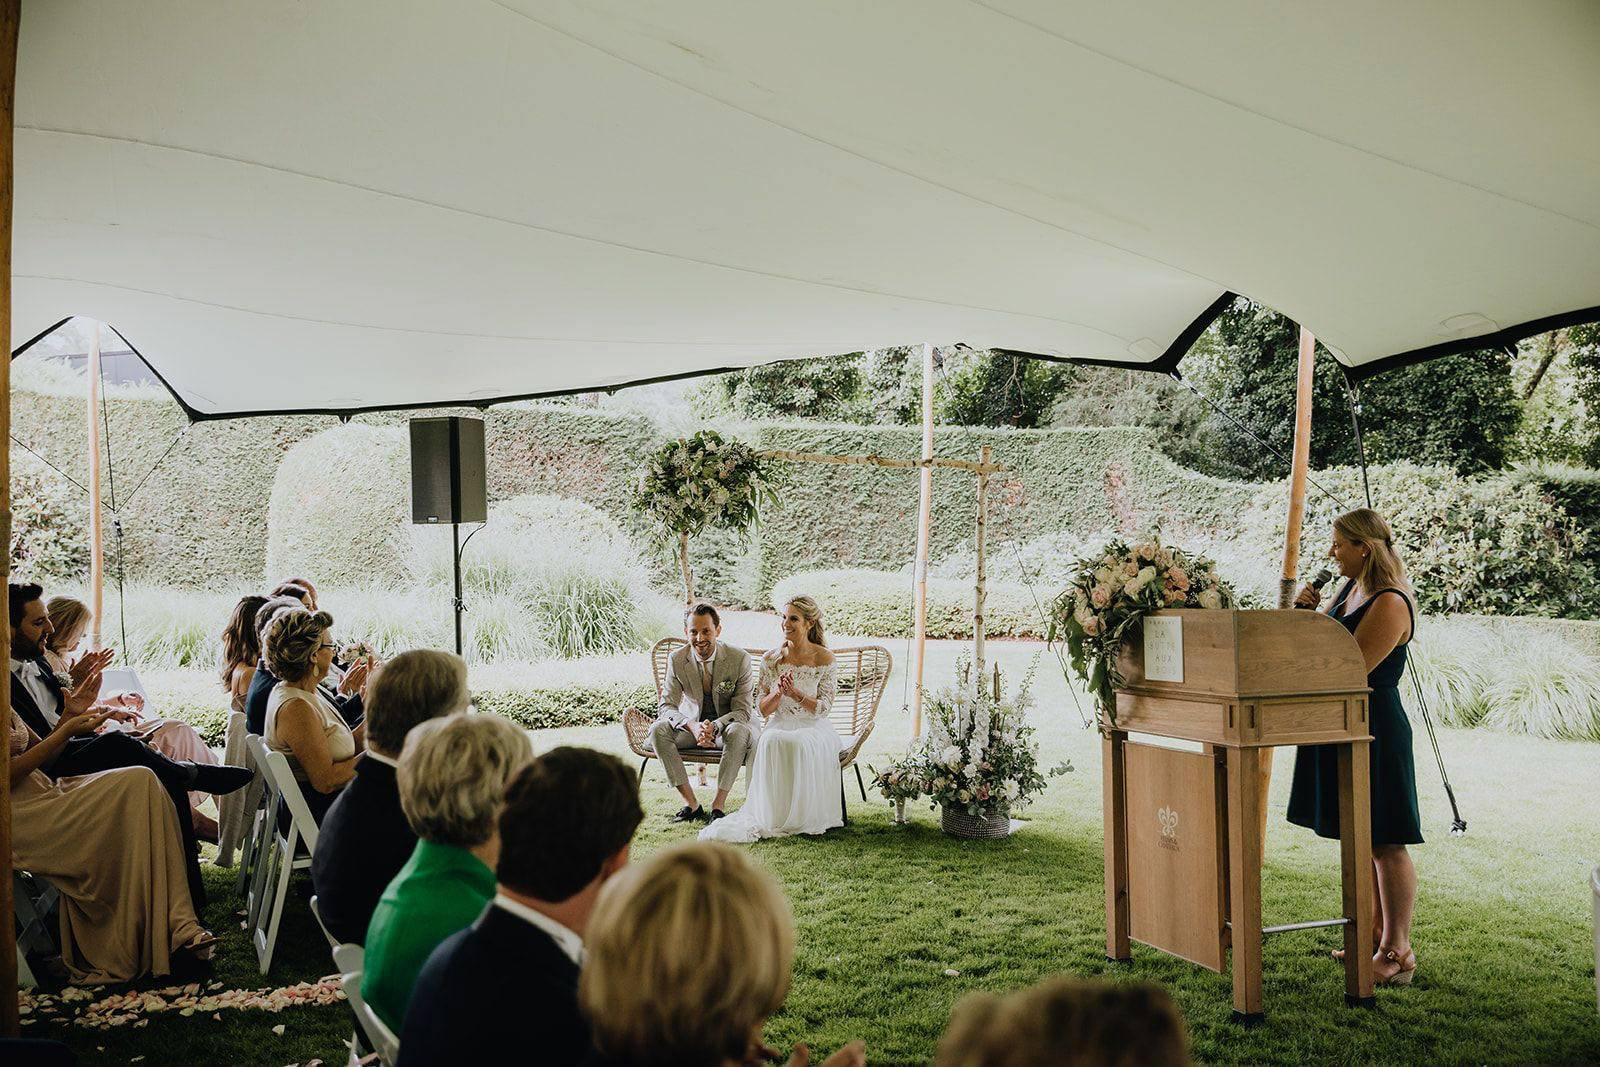 Event'L Ceremonie - Fotograaf Lux Visual Storytellers - House of Weddings 8